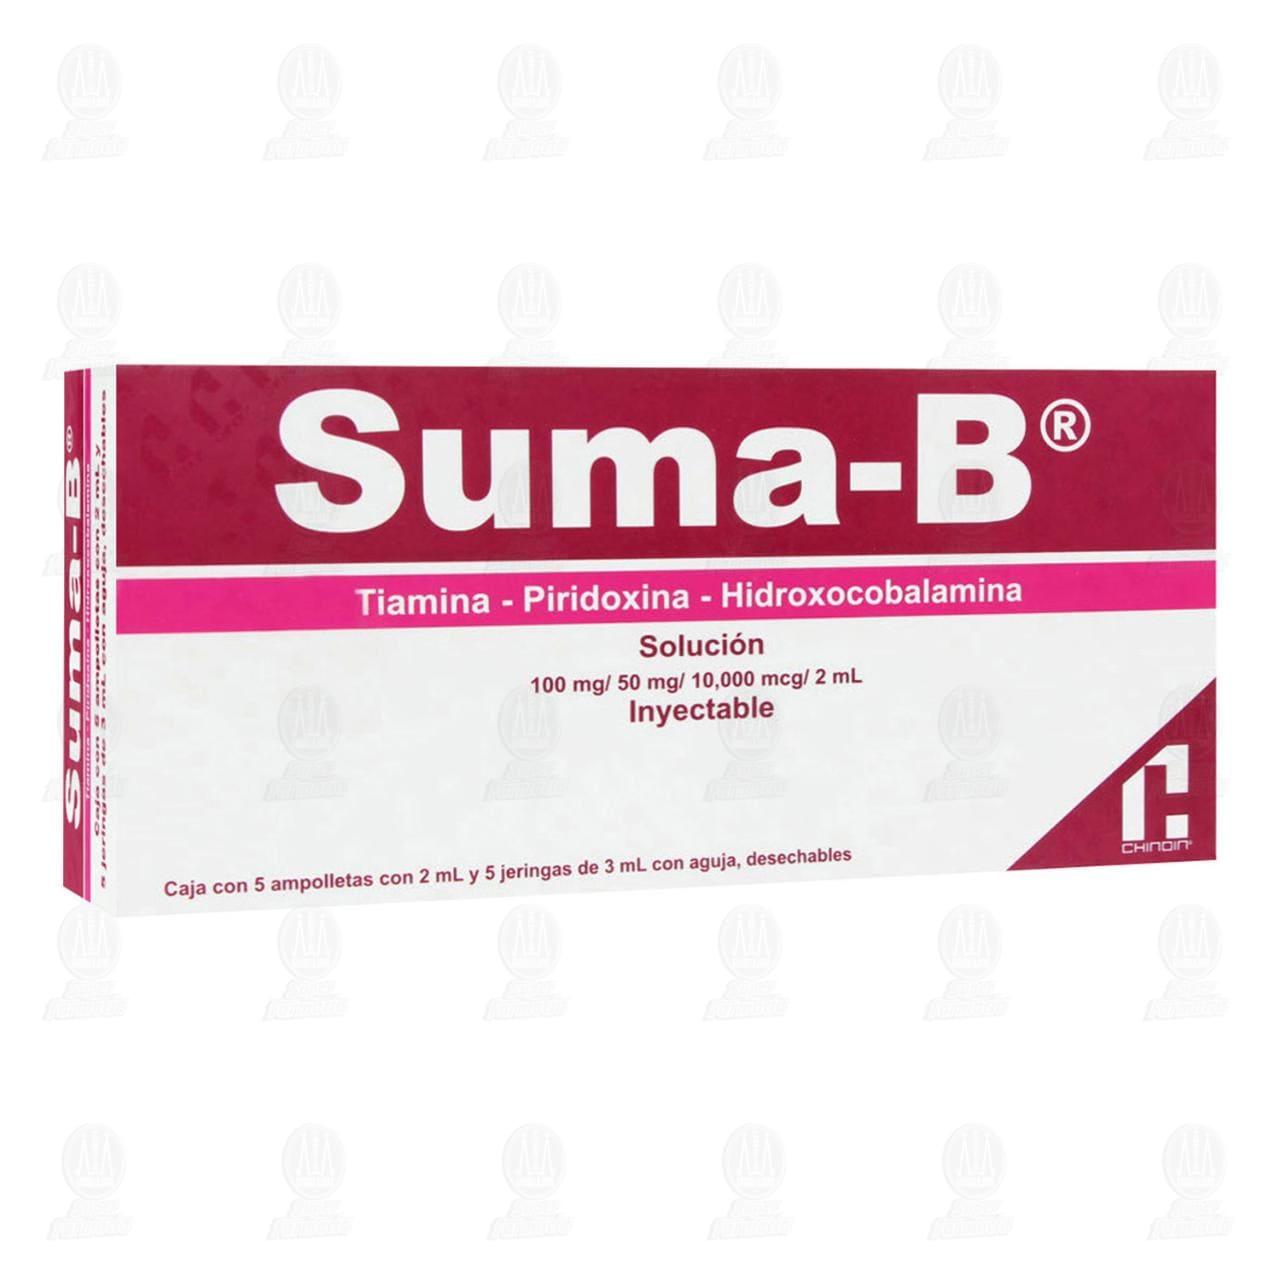 Comprar Suma-B 2ml 5 Ampolletas 5 Jeringas en Farmacias Guadalajara